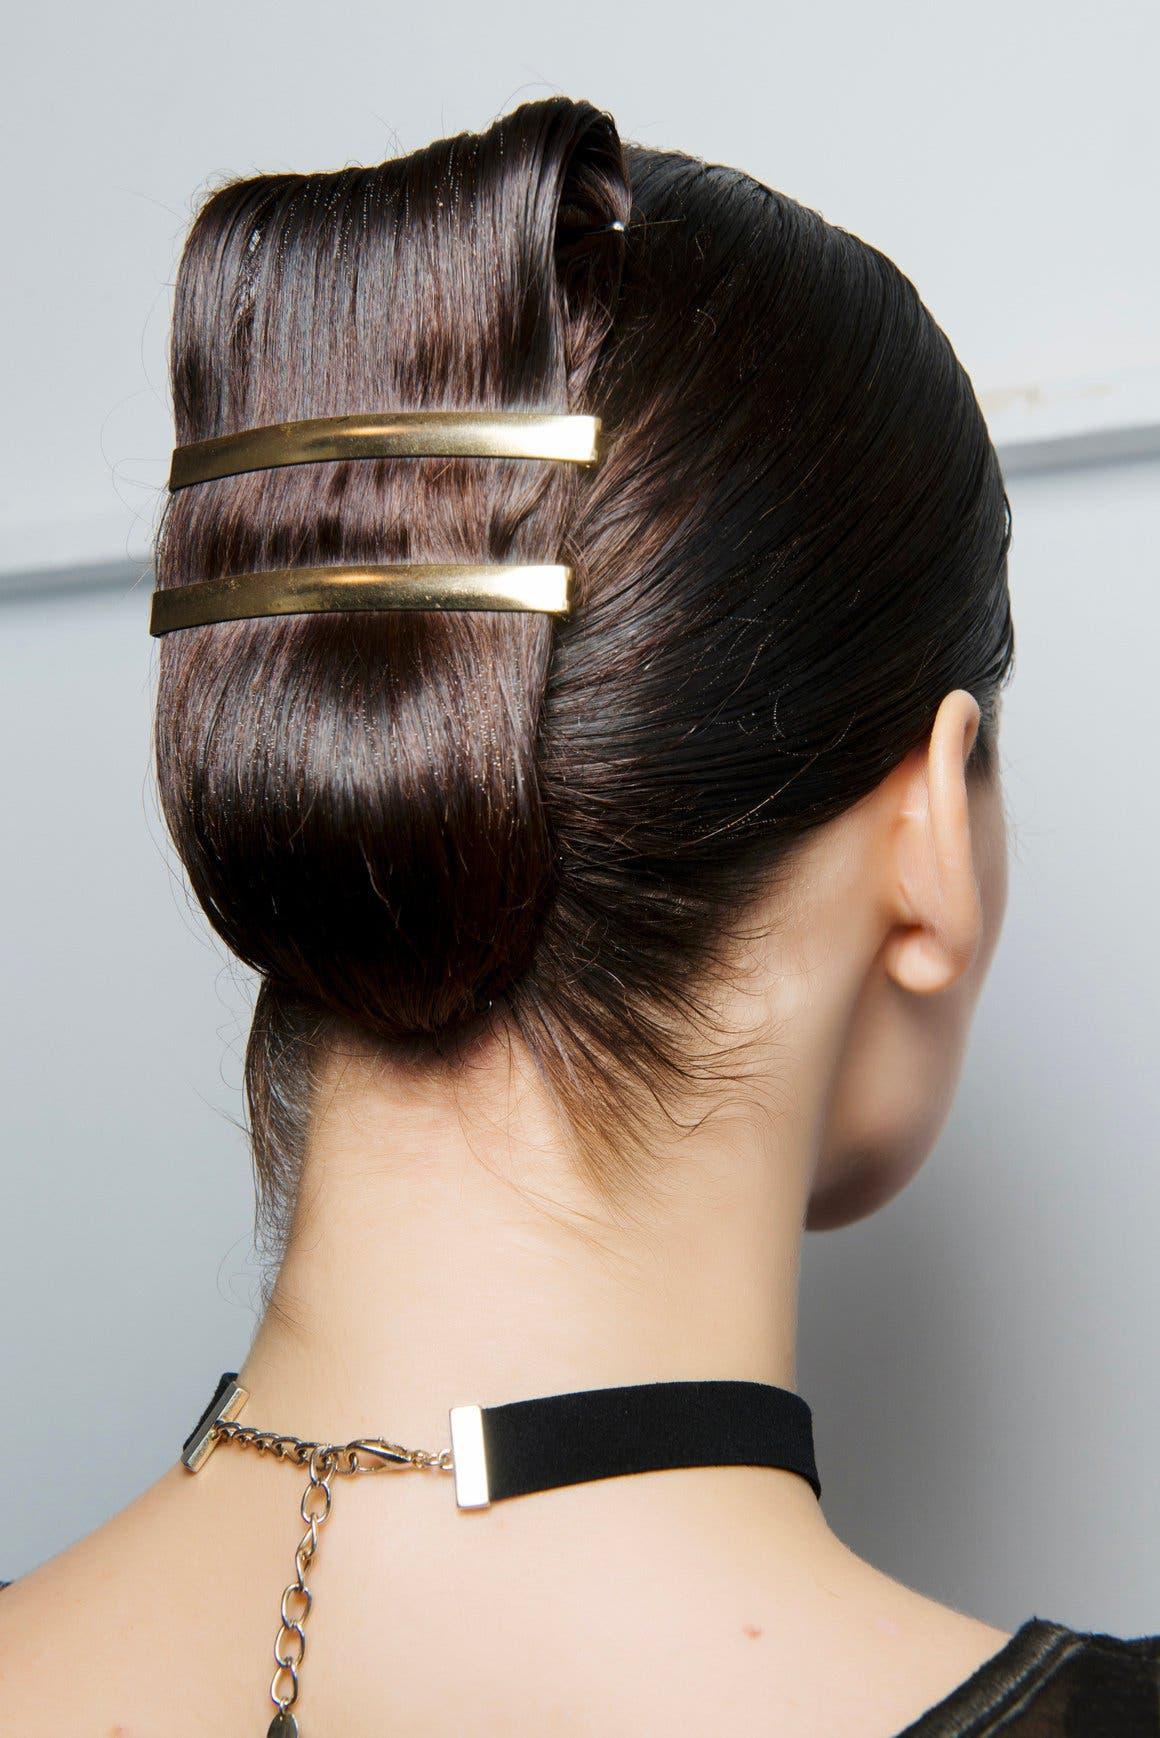 تسريحات شعر مثاليه ExtImage-4894819-1845665280.jpg